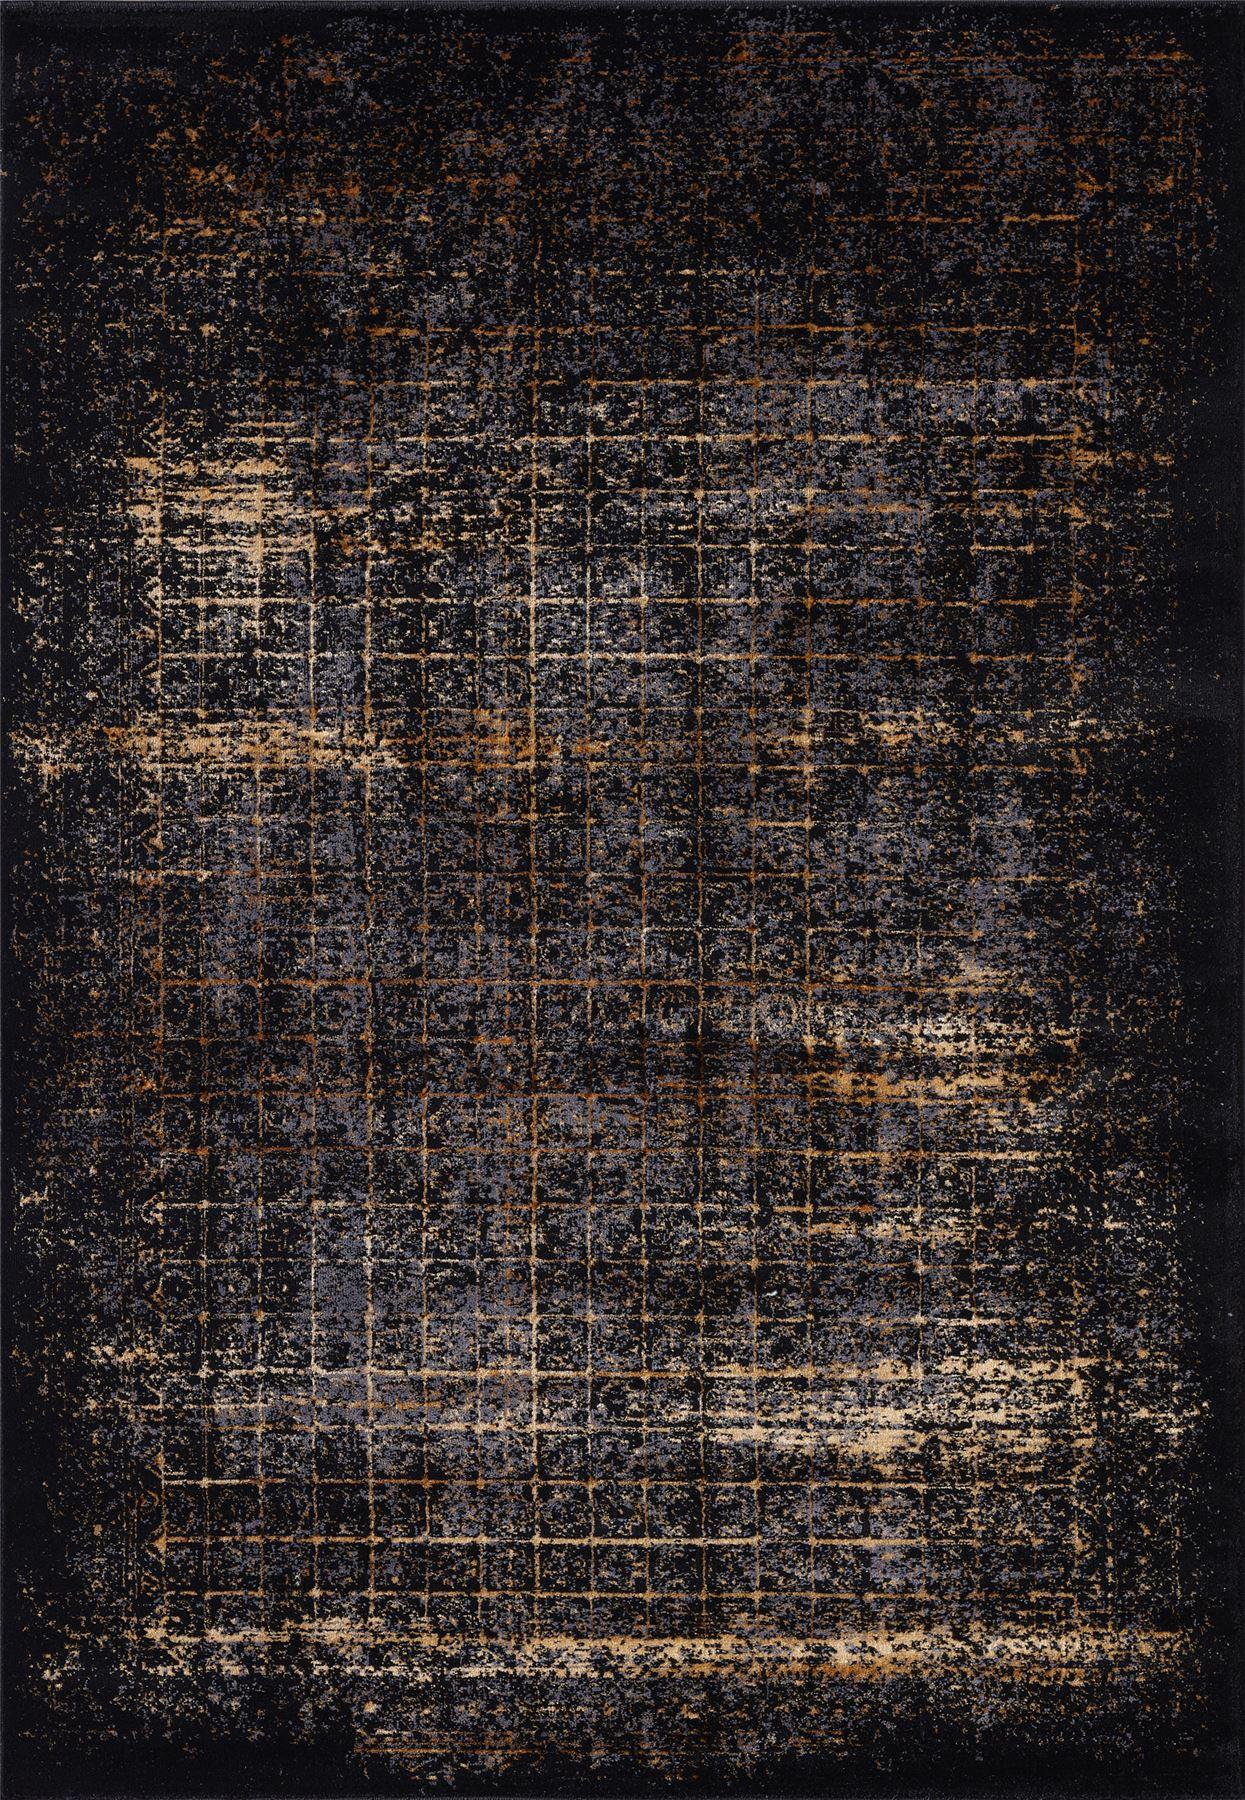 A2Z-Alfombra-Moderno-Estilo-Vintage-Clasico-geometrica-Area-Rugs-Alfombras-Salon-Suelo miniatura 13